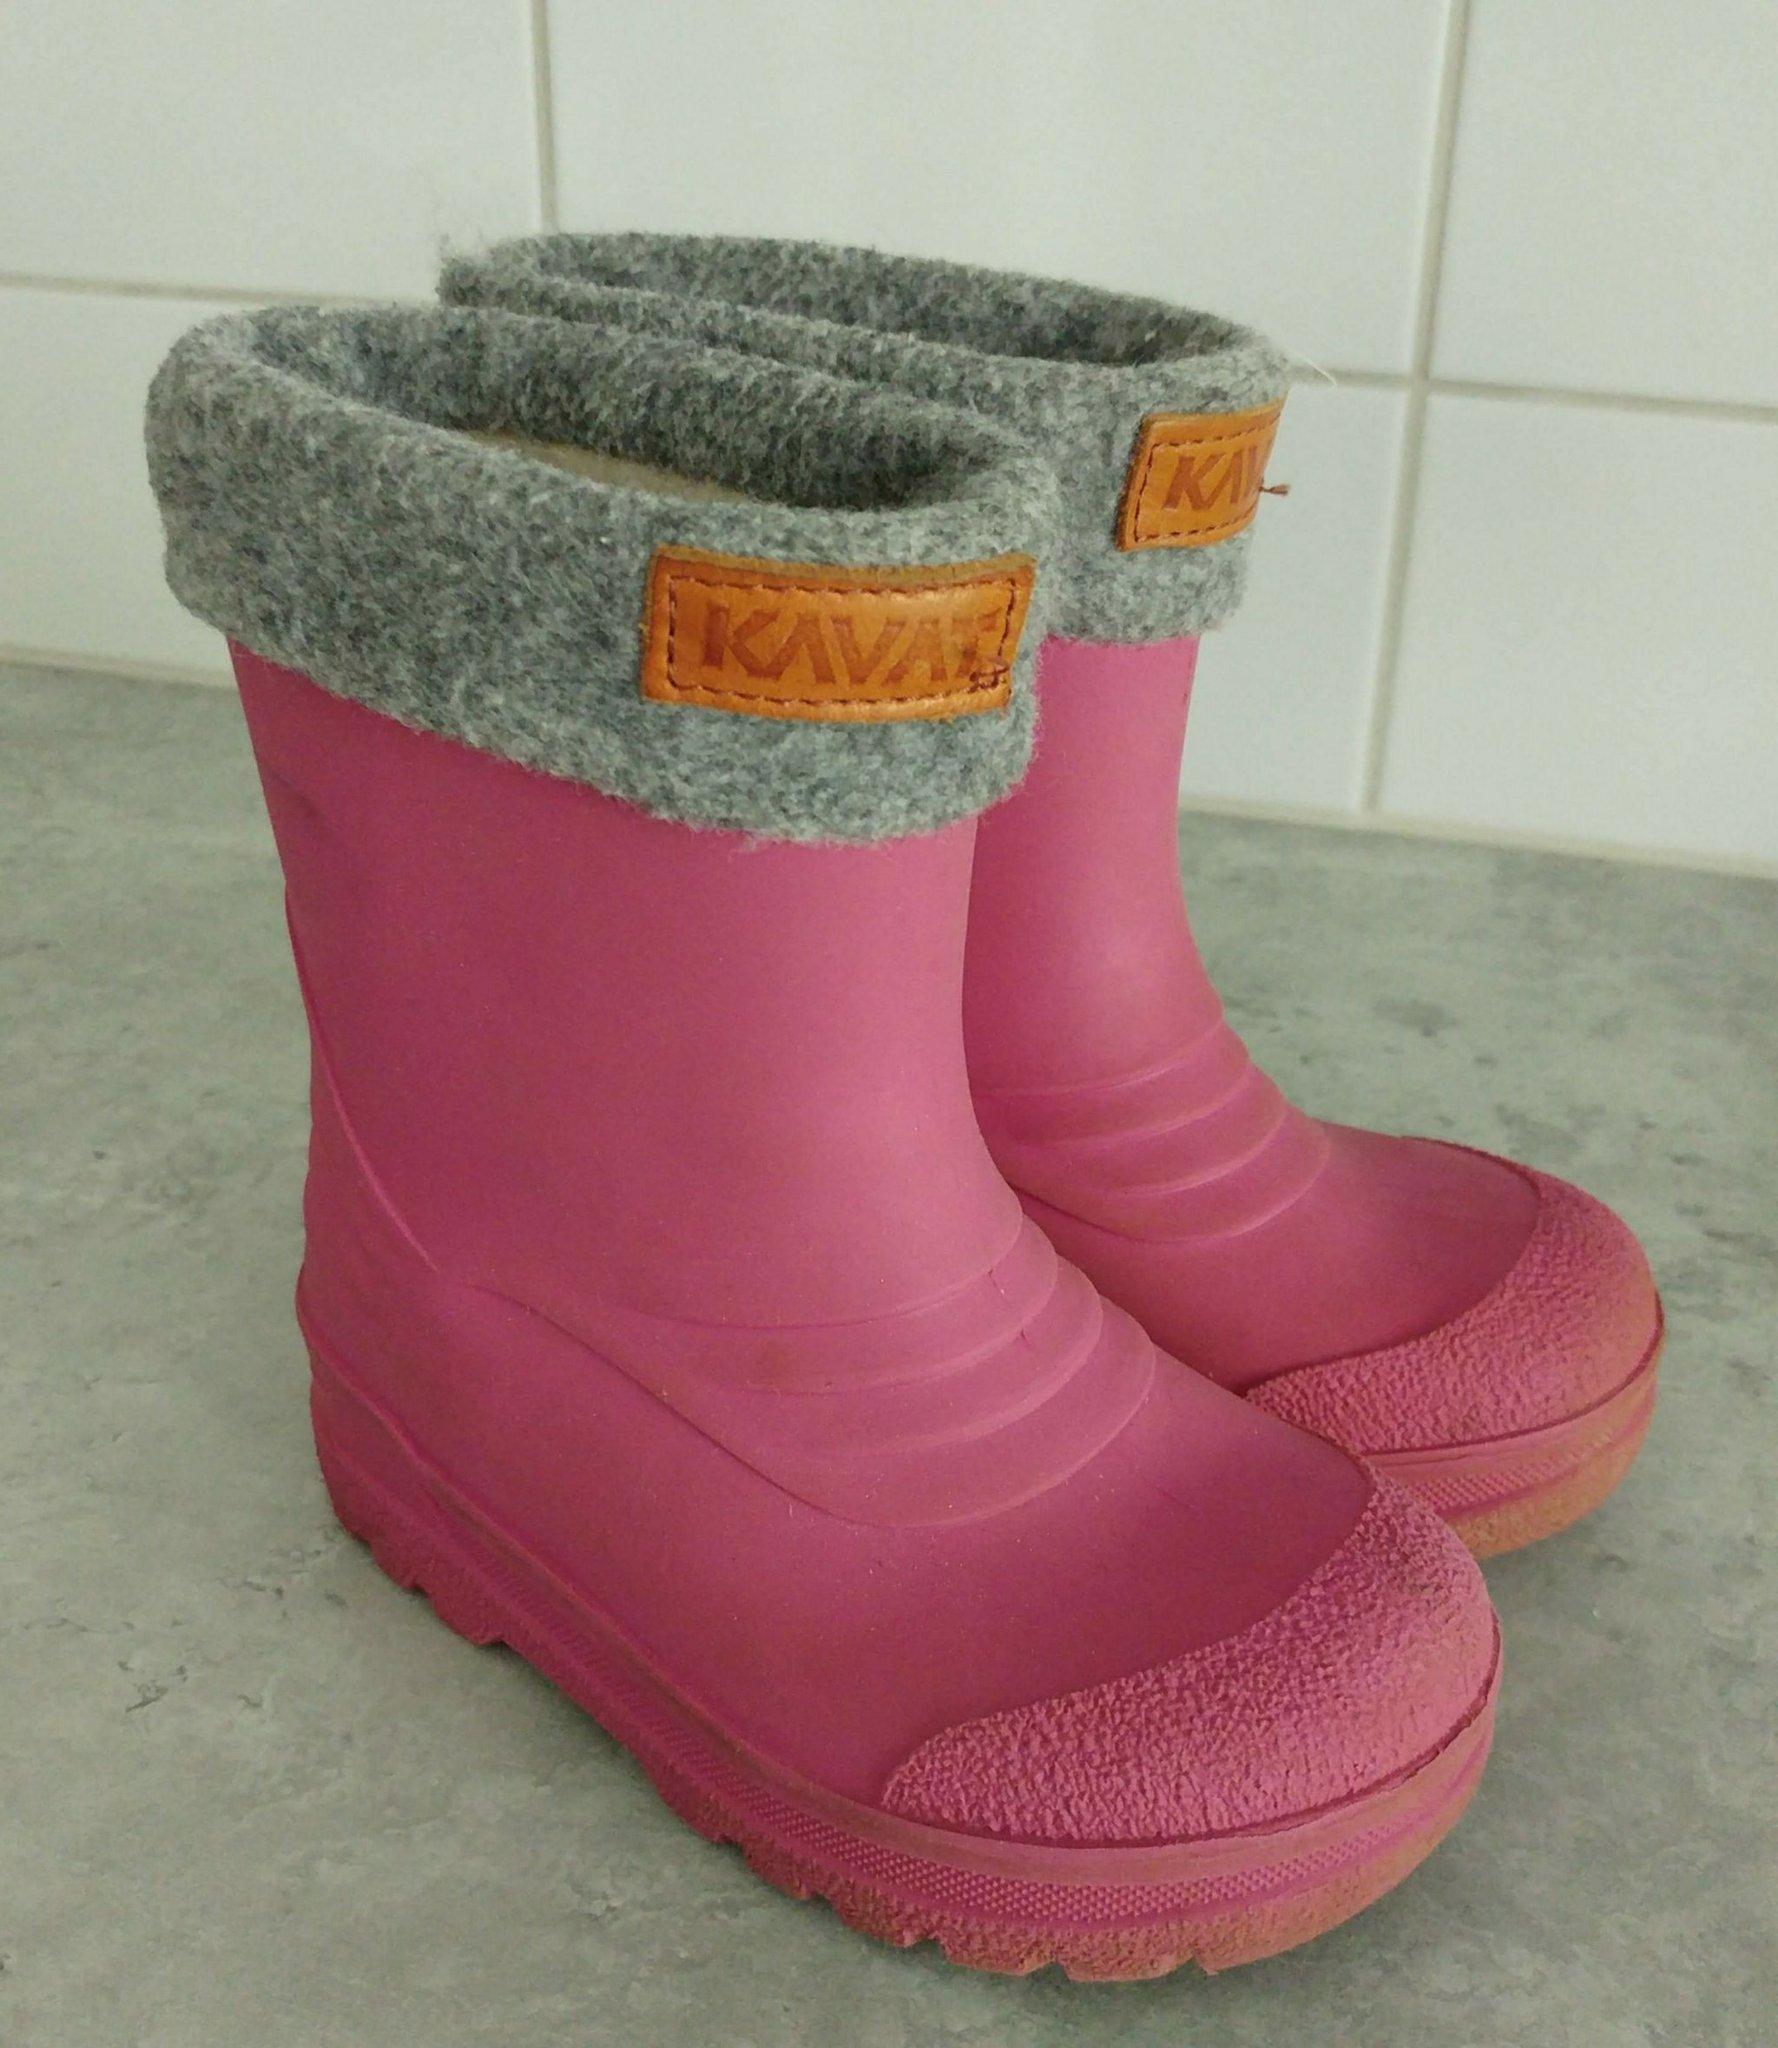 Rosa Kavat Gimo ullfodrade stövlar, ull, vinterstövlar! Storlek 24 (14,7 cm)